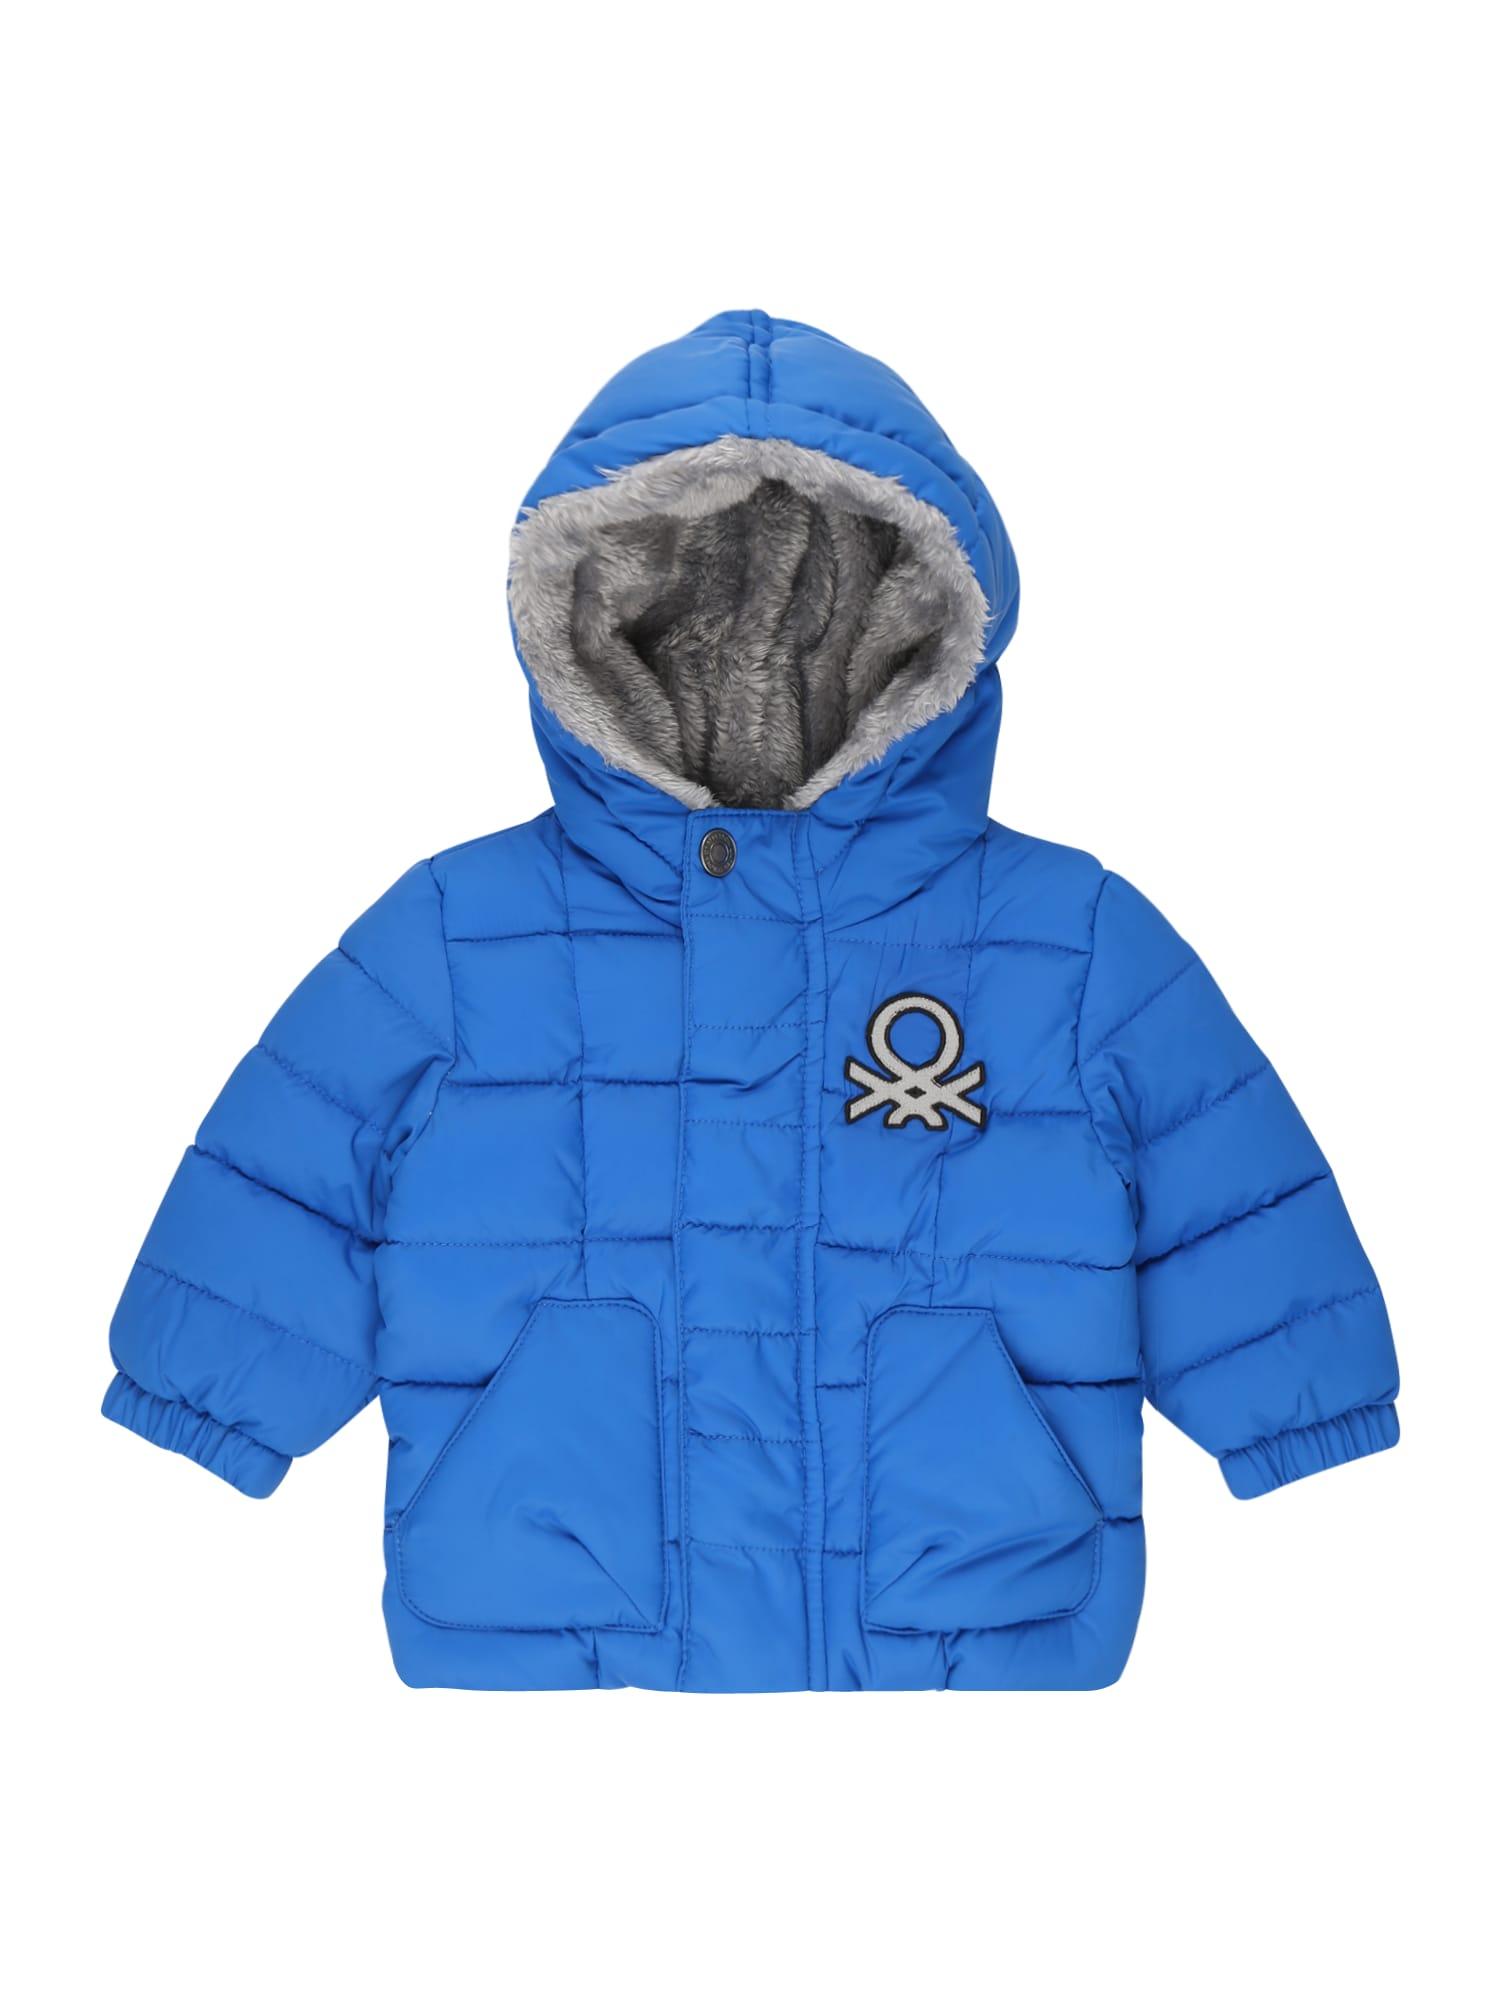 UNITED COLORS OF BENETTON Zimní bunda  modrá / stříbrná / černá